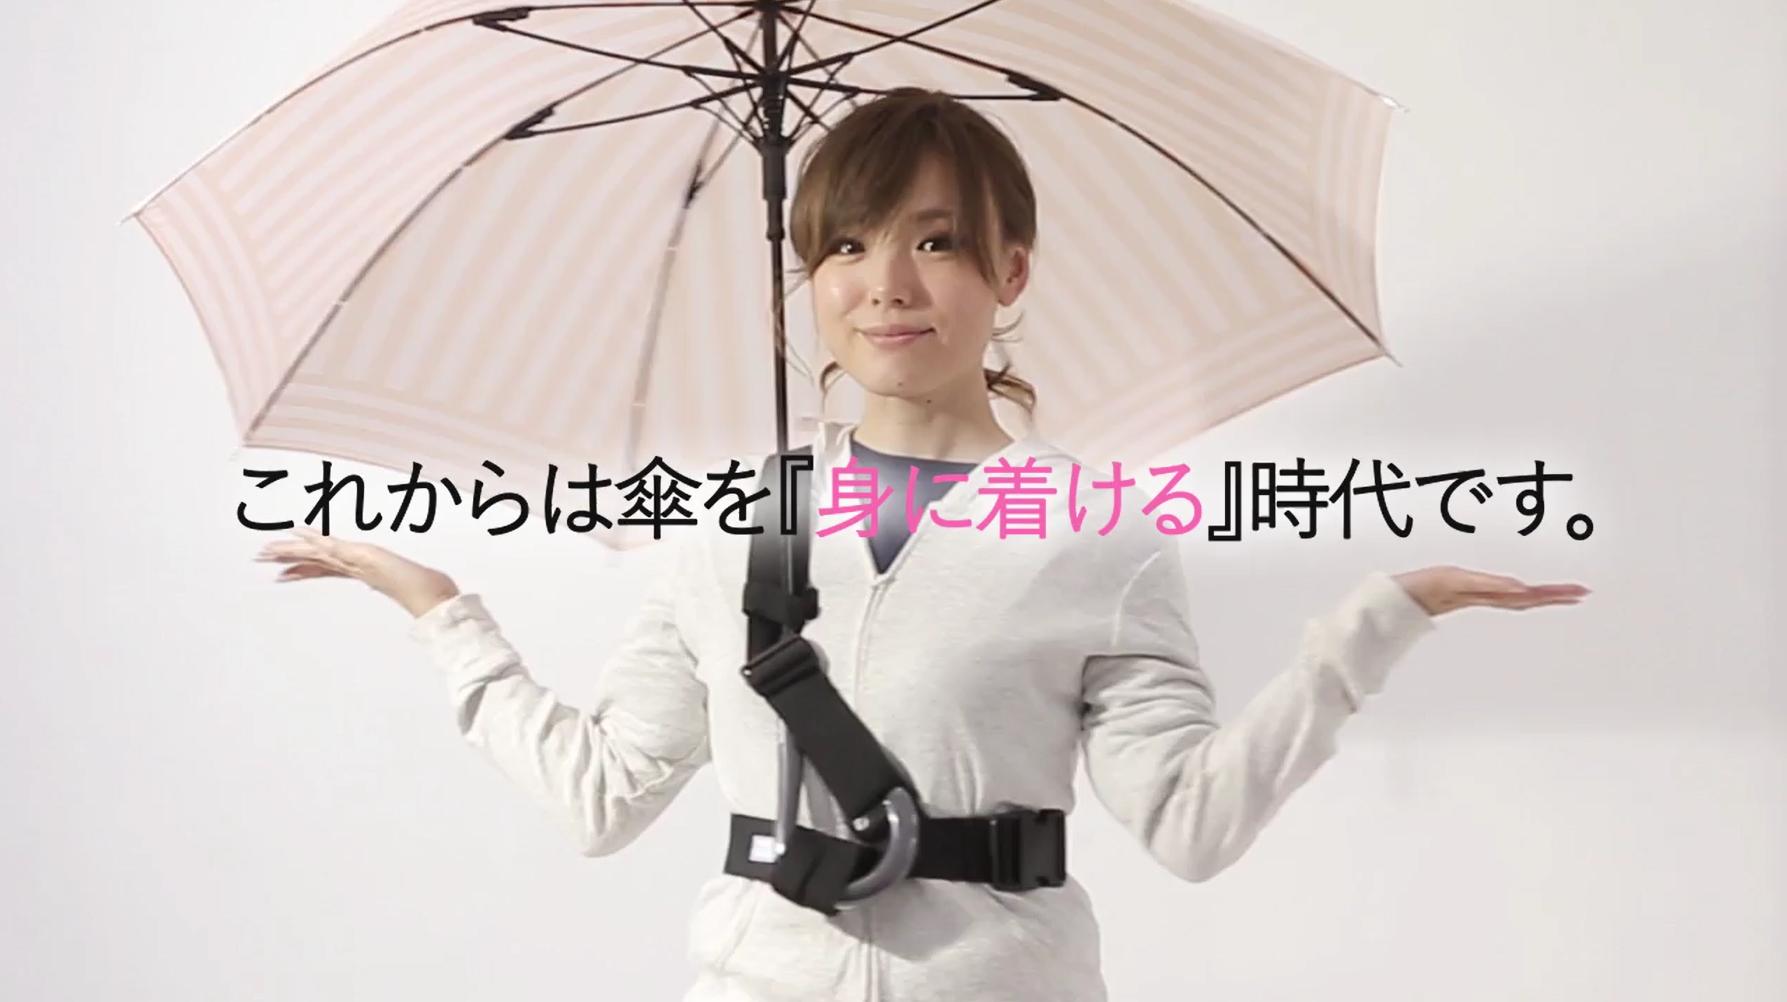 「傘」の画像検索結果